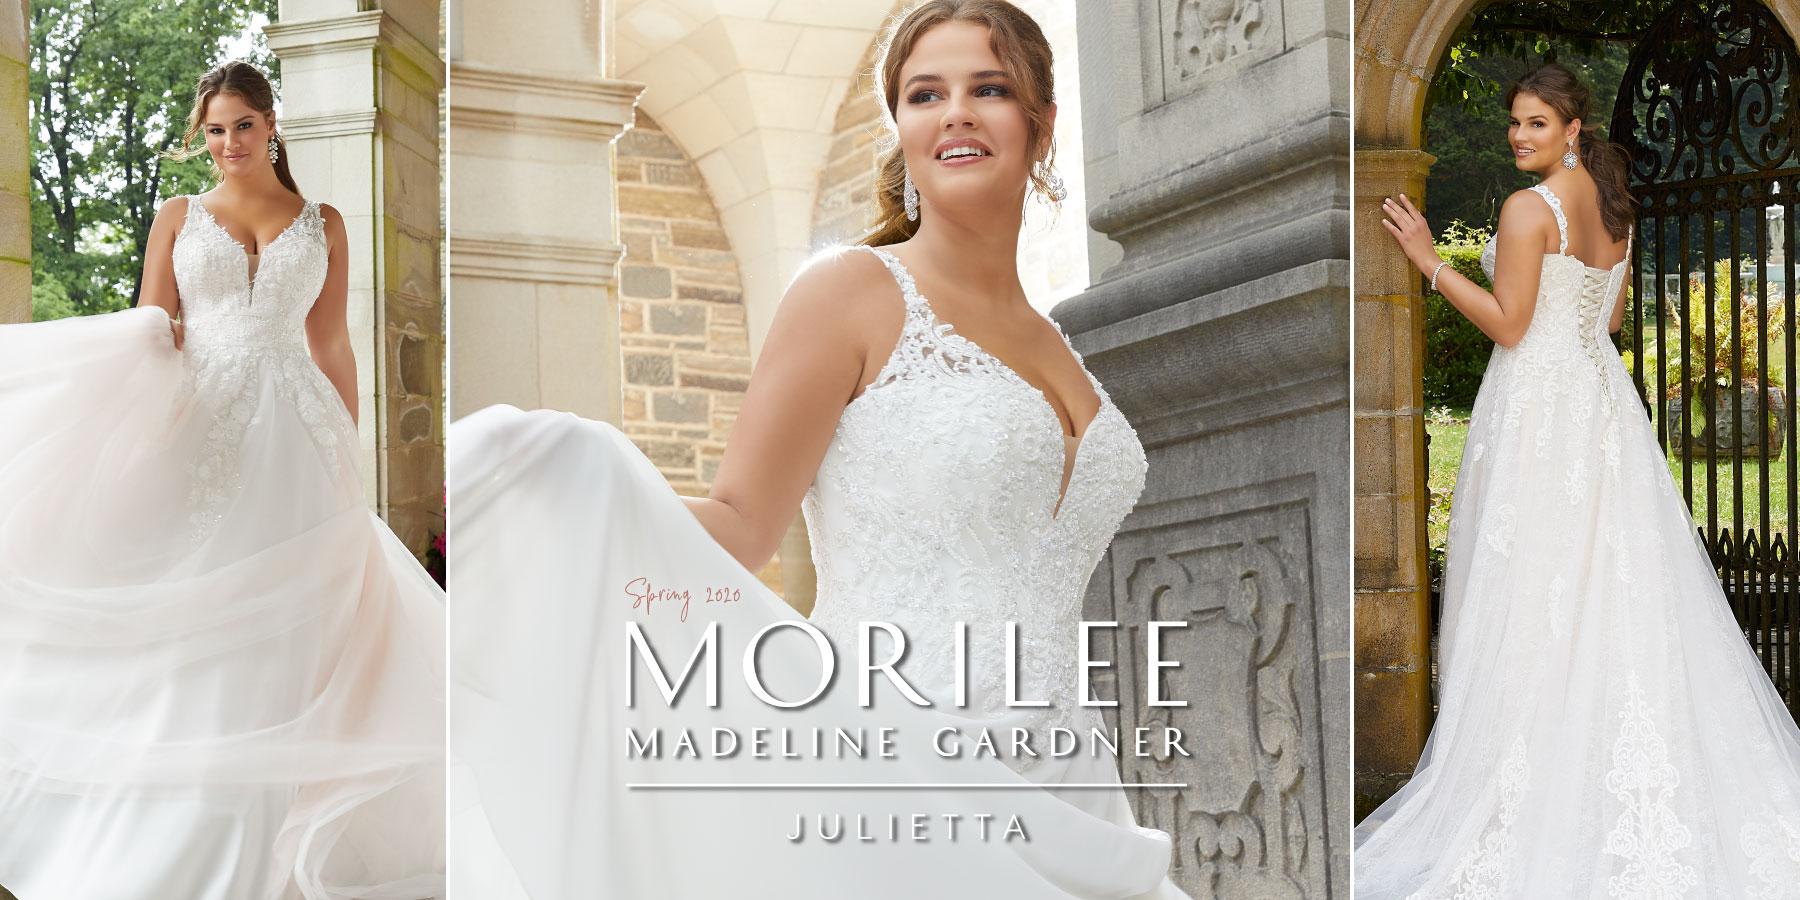 Morilee Julietta